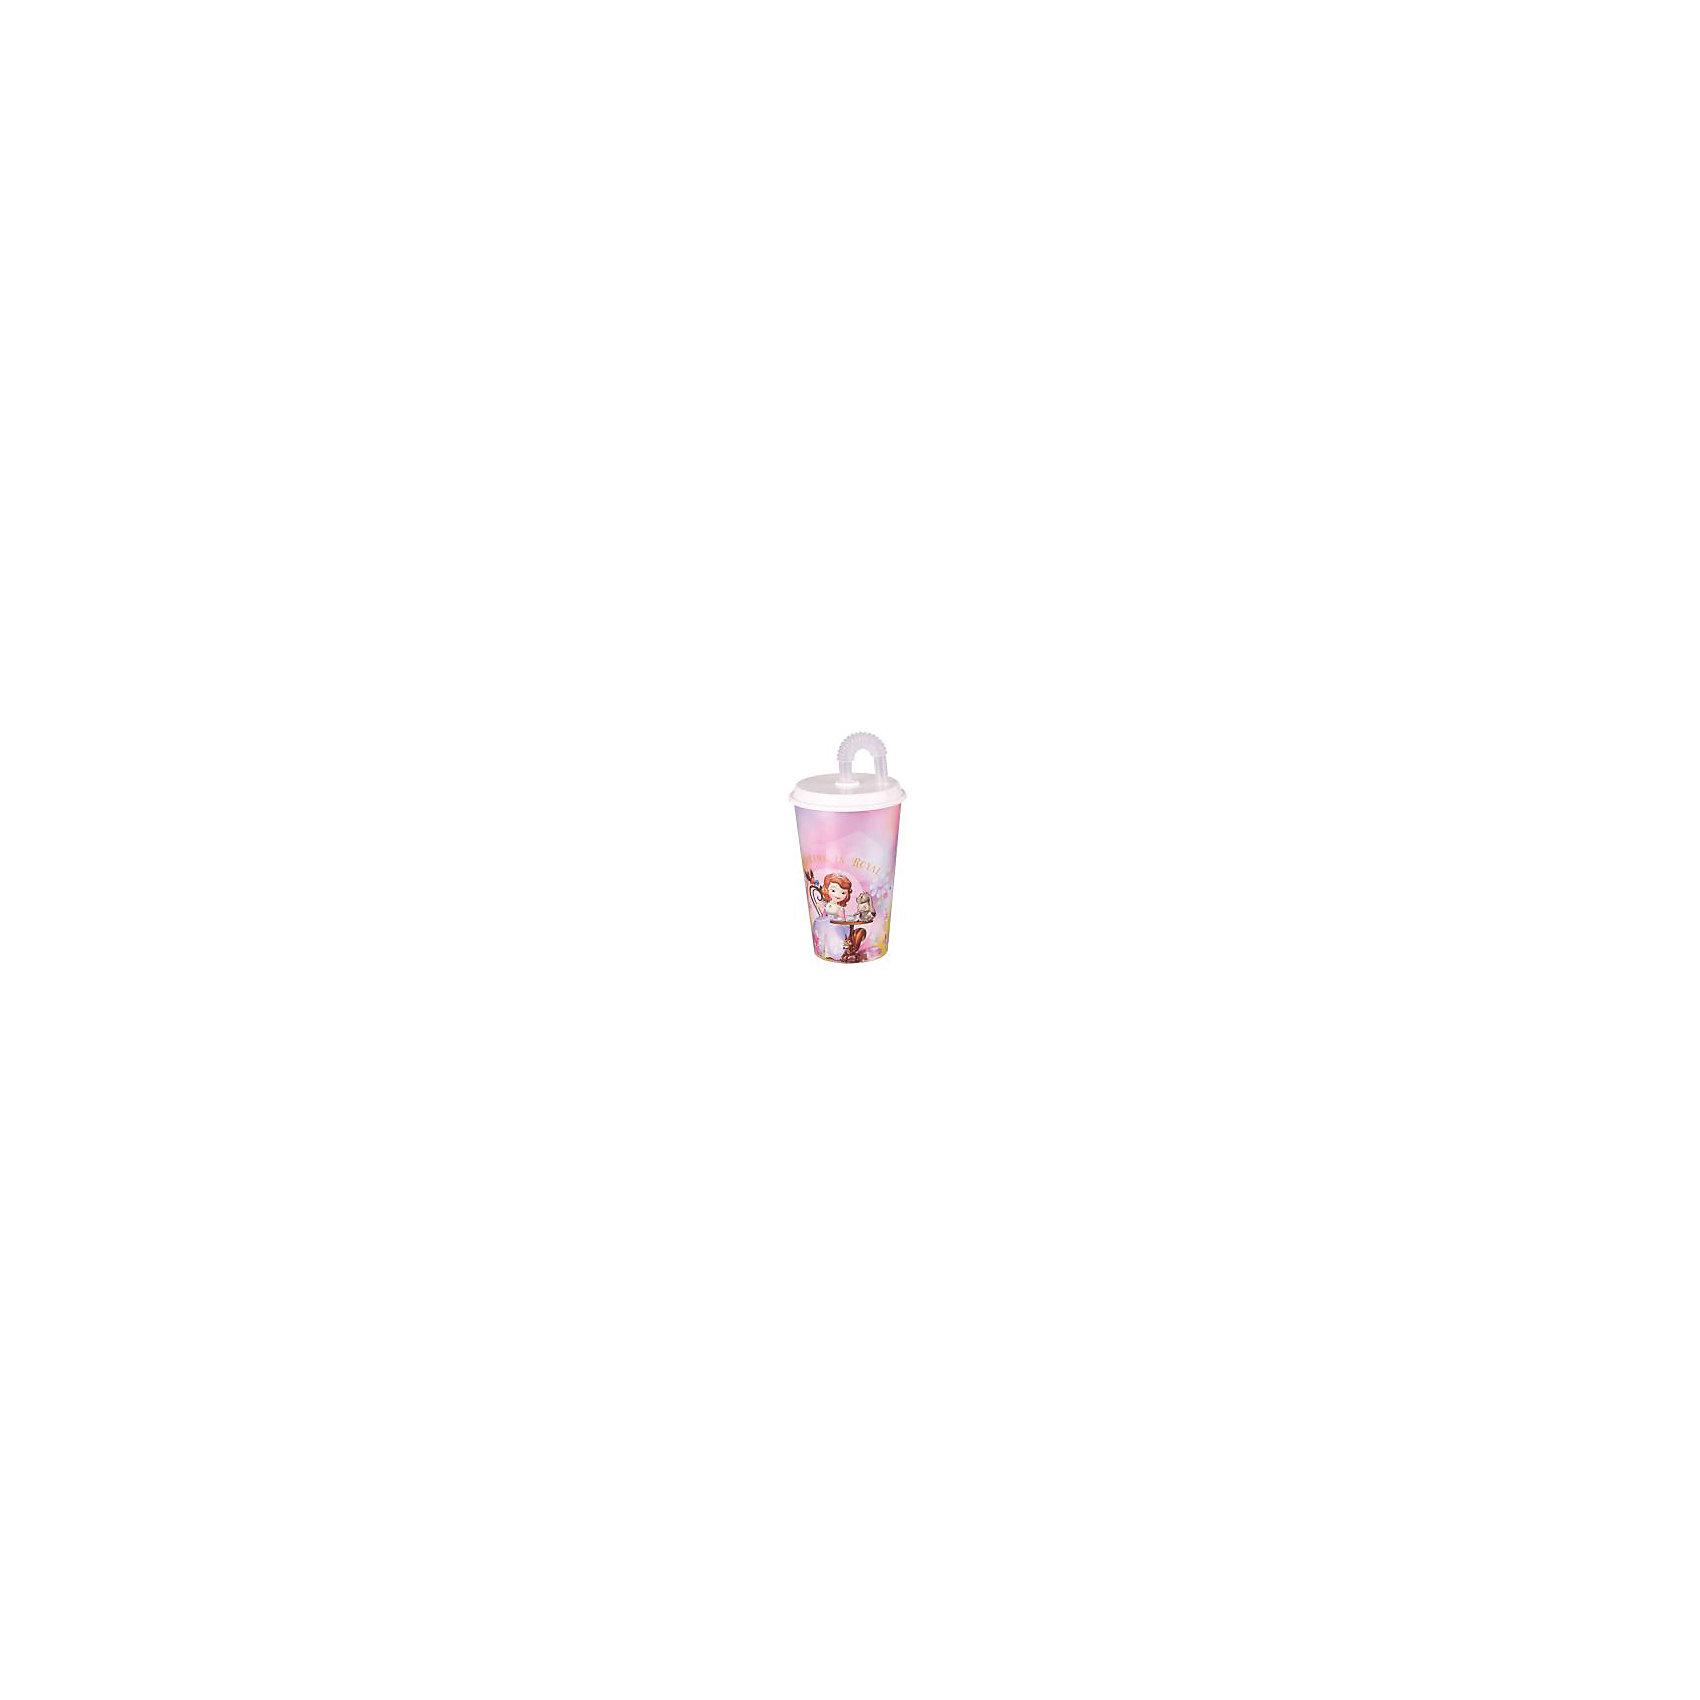 Стакан София -Дисней с крыш. и трубоч. 0,5л, AlternativaПосуда<br>Стакан София -Дисней с крыш. и трубоч. 0,5л, Alternativa (Альтернатива)<br><br>Характеристики:<br><br>• защитное отверстие для трубочки<br>• красочный рисунок с изображением принцессы Софии<br>• объем: 500 мл<br>• диаметр: 9 см<br>• размер: 9х9х18 см<br>• вес: 200 грамм<br>• материал: пластик<br><br>С принцессой Софией из мультфильма Дисней пить любимые напитки еще приятнее! Стакан оформлен красочным изображением Принцессы Софии, ее замка и друзей. Рисунок не стирается после частого использования. Стакан имеет трубочку и крышку с защитным отверстием для трубочки. Объем стакана - 500 мл.<br><br>Стакан София -Дисней с крыш. и трубоч. 0,5л, Alternativa (Альтернатива) можно купить в нашем интернет-магазине.<br><br>Ширина мм: 250<br>Глубина мм: 150<br>Высота мм: 250<br>Вес г: 200<br>Возраст от месяцев: 36<br>Возраст до месяцев: 1188<br>Пол: Женский<br>Возраст: Детский<br>SKU: 5475662